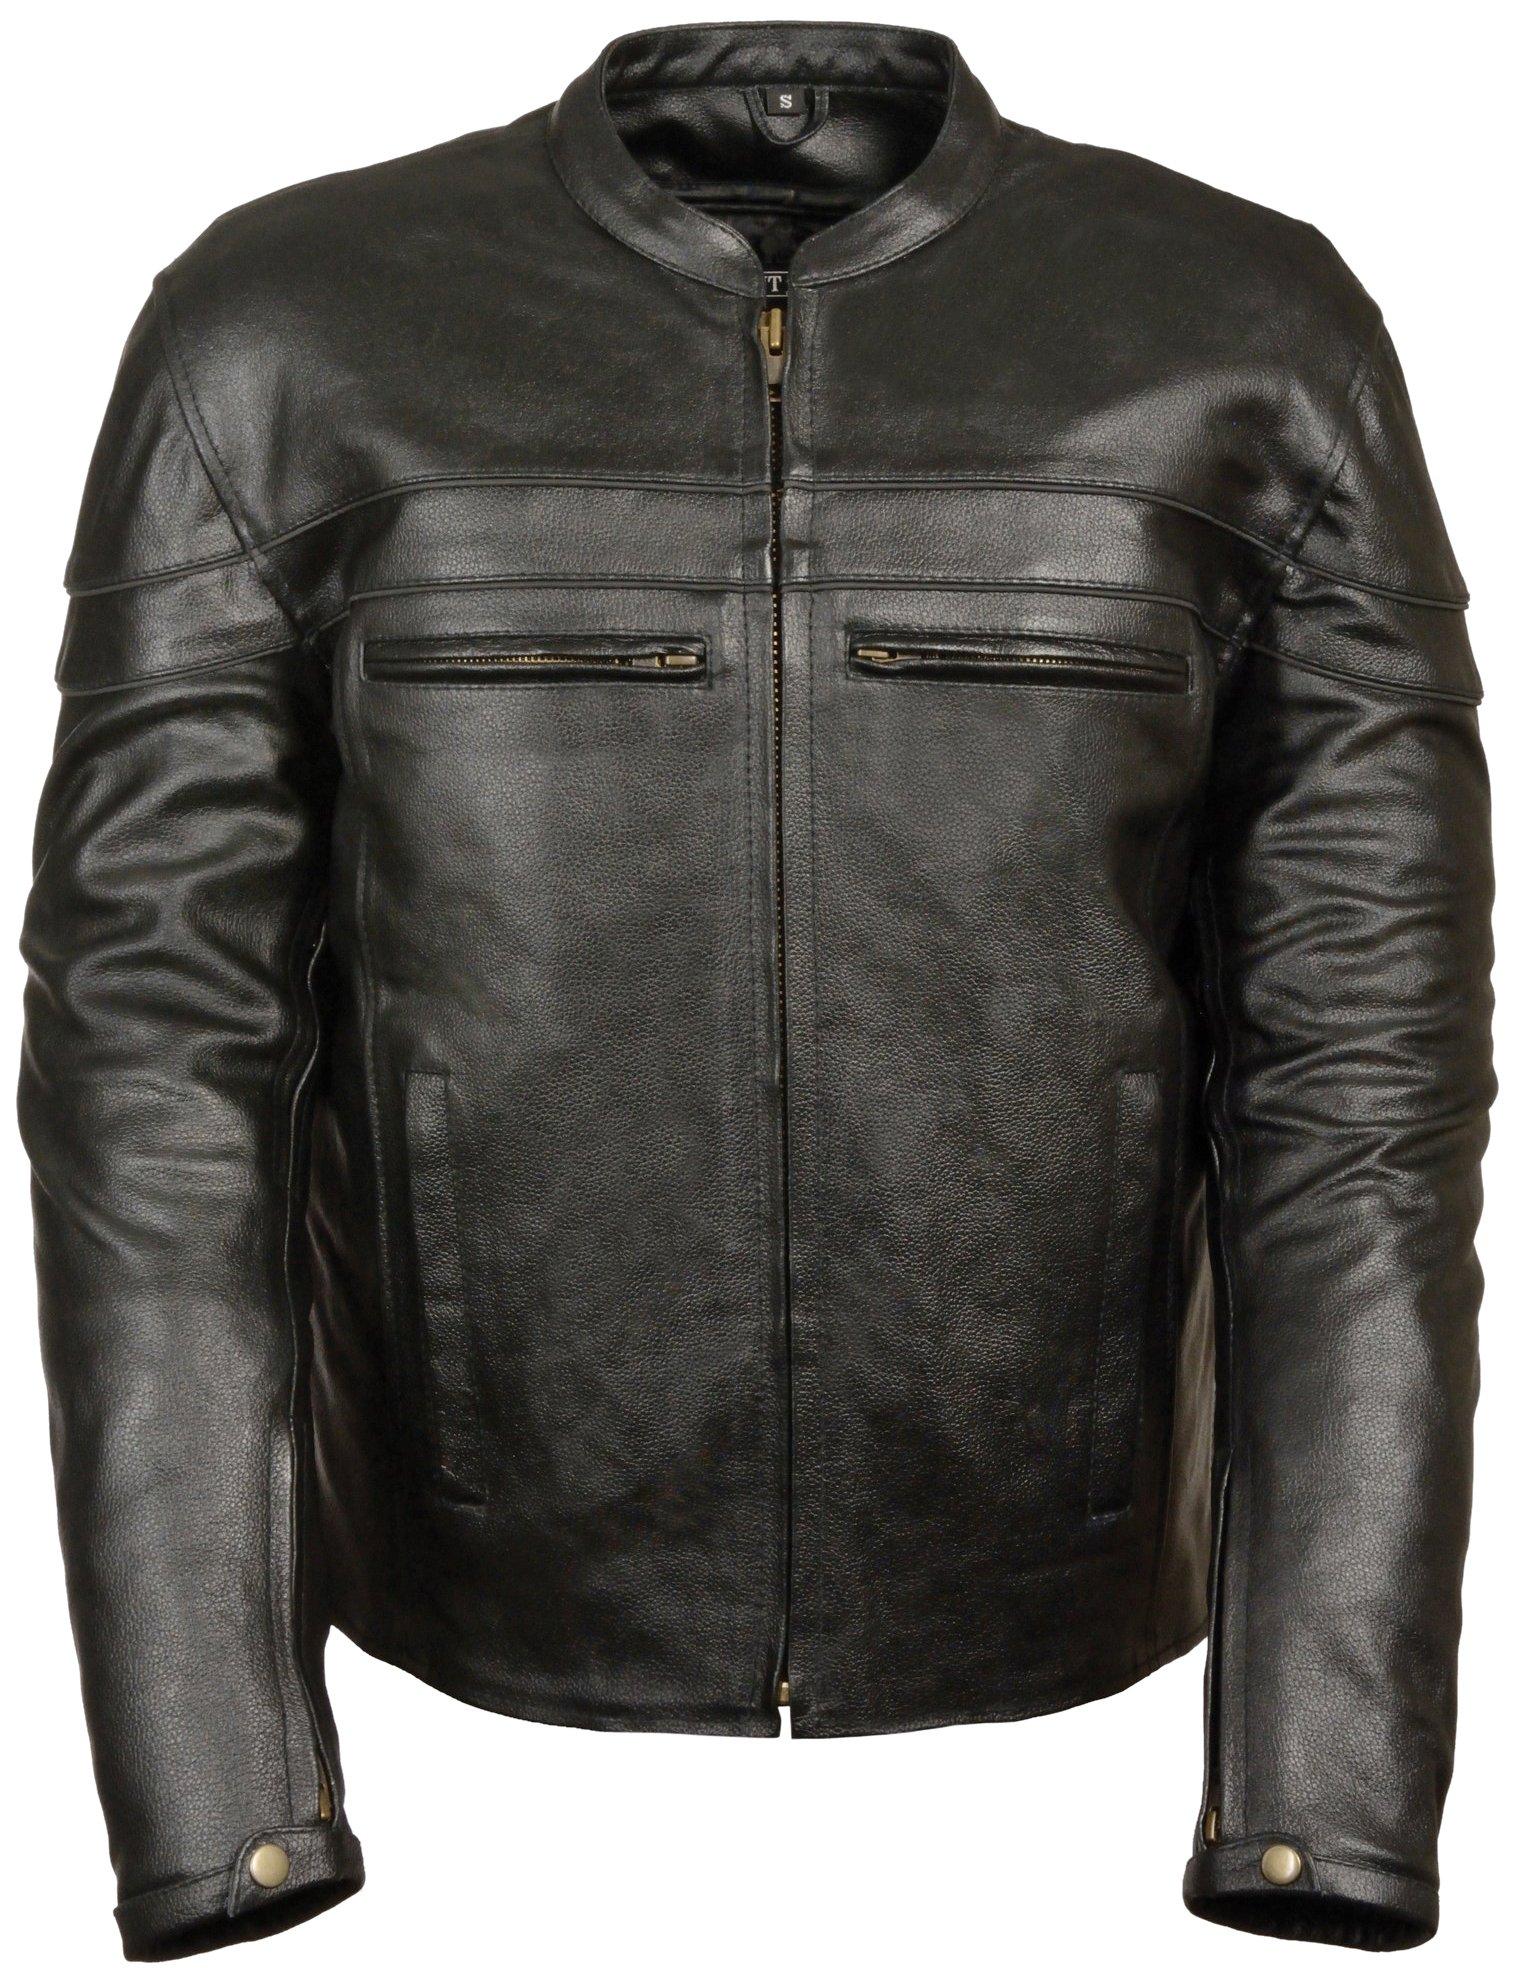 Event Biker Leather Men's Split Leather Vented Scooter Jacket (Black, Large)